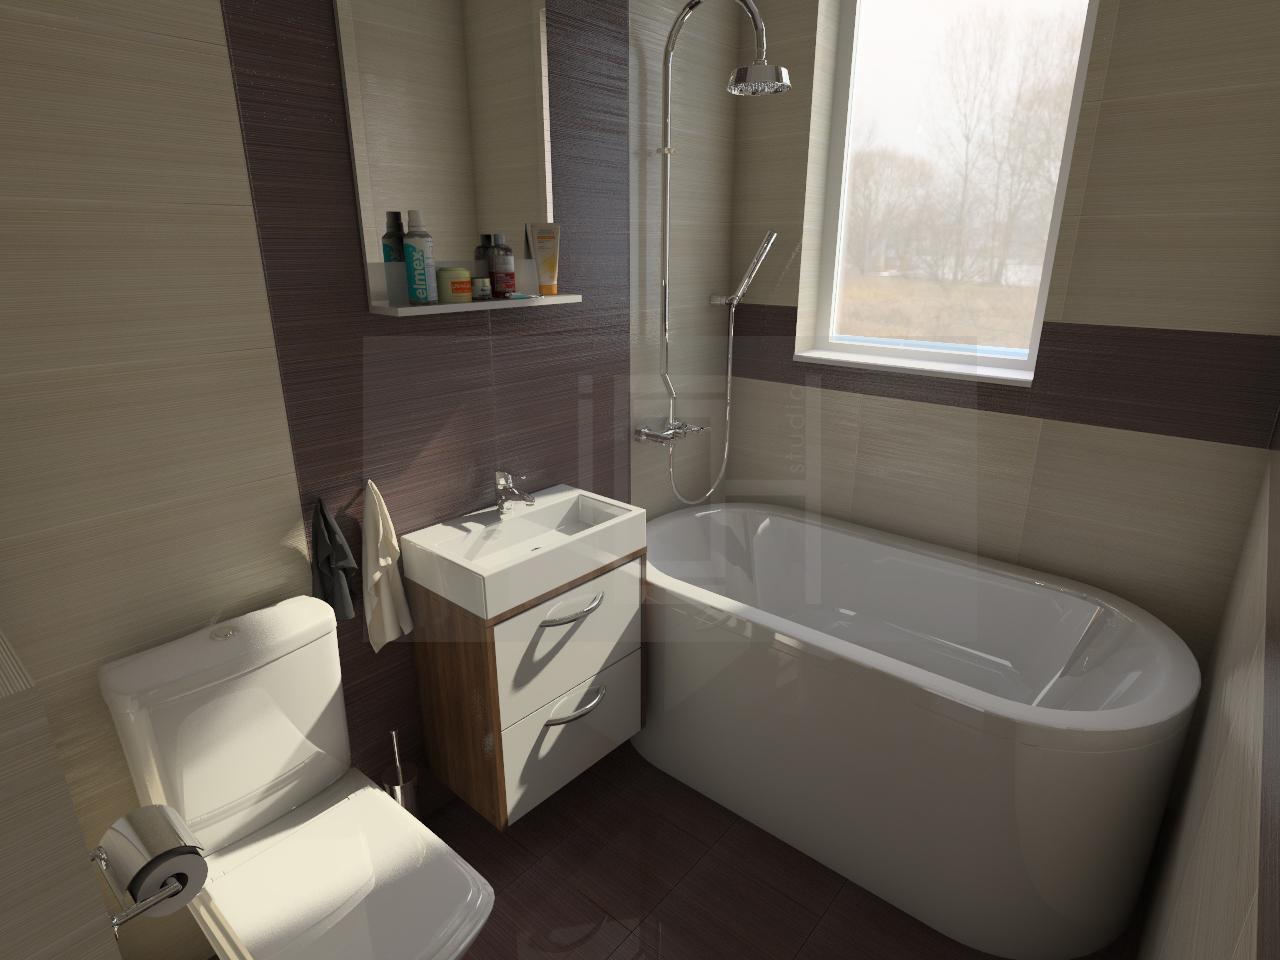 Bathroom design tiles Vratsa